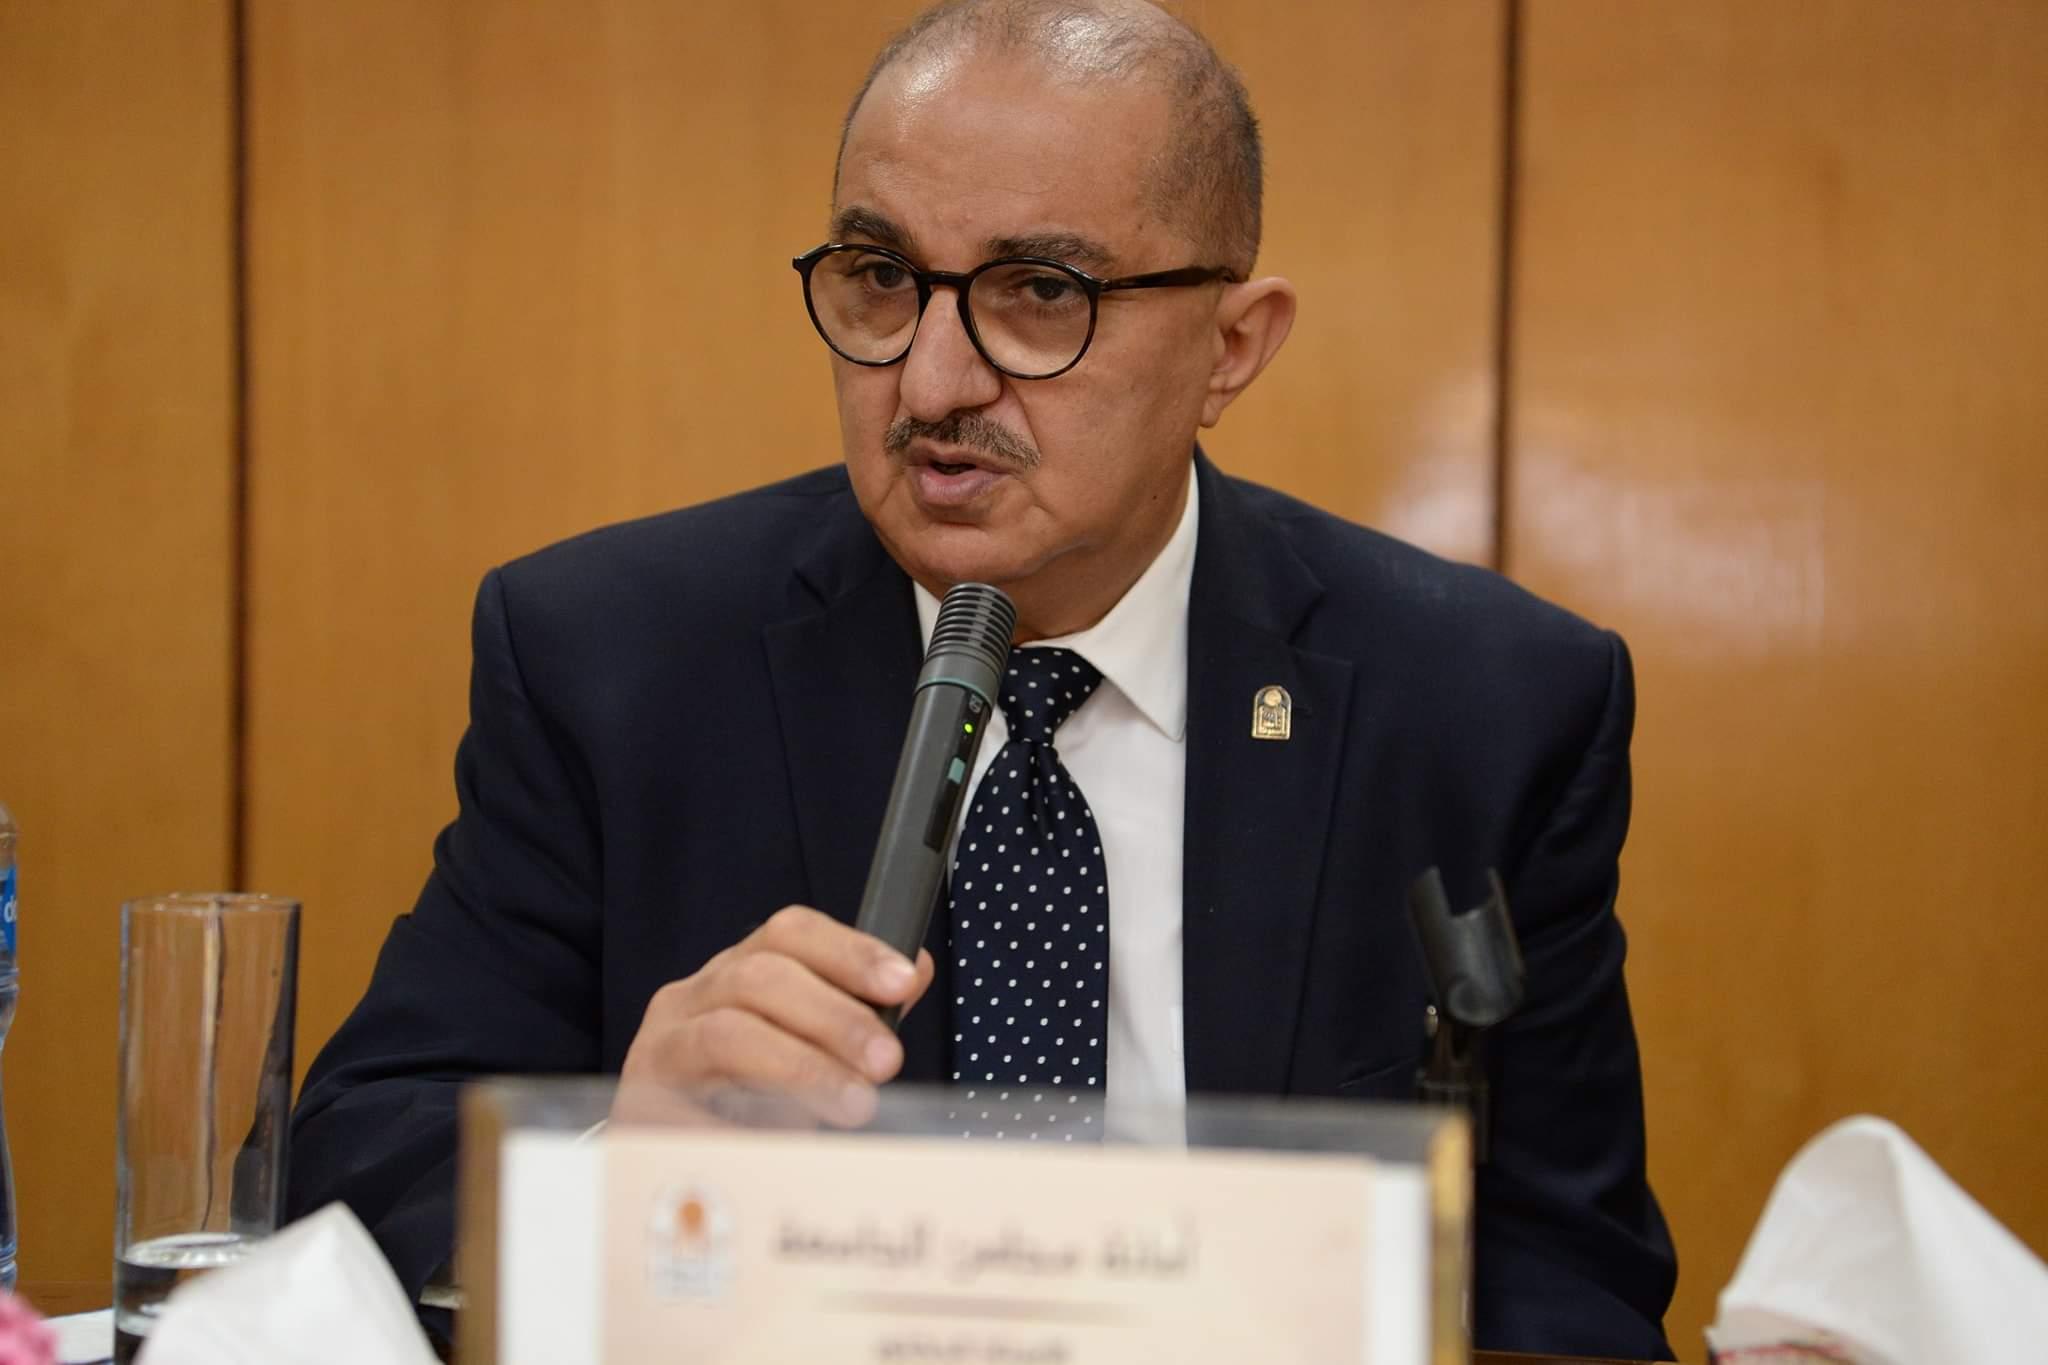 رئيس جامعة أسيوط يعلن خلو المستشفيات الجامعية من أية حالات إصابة بفيروس كورونا